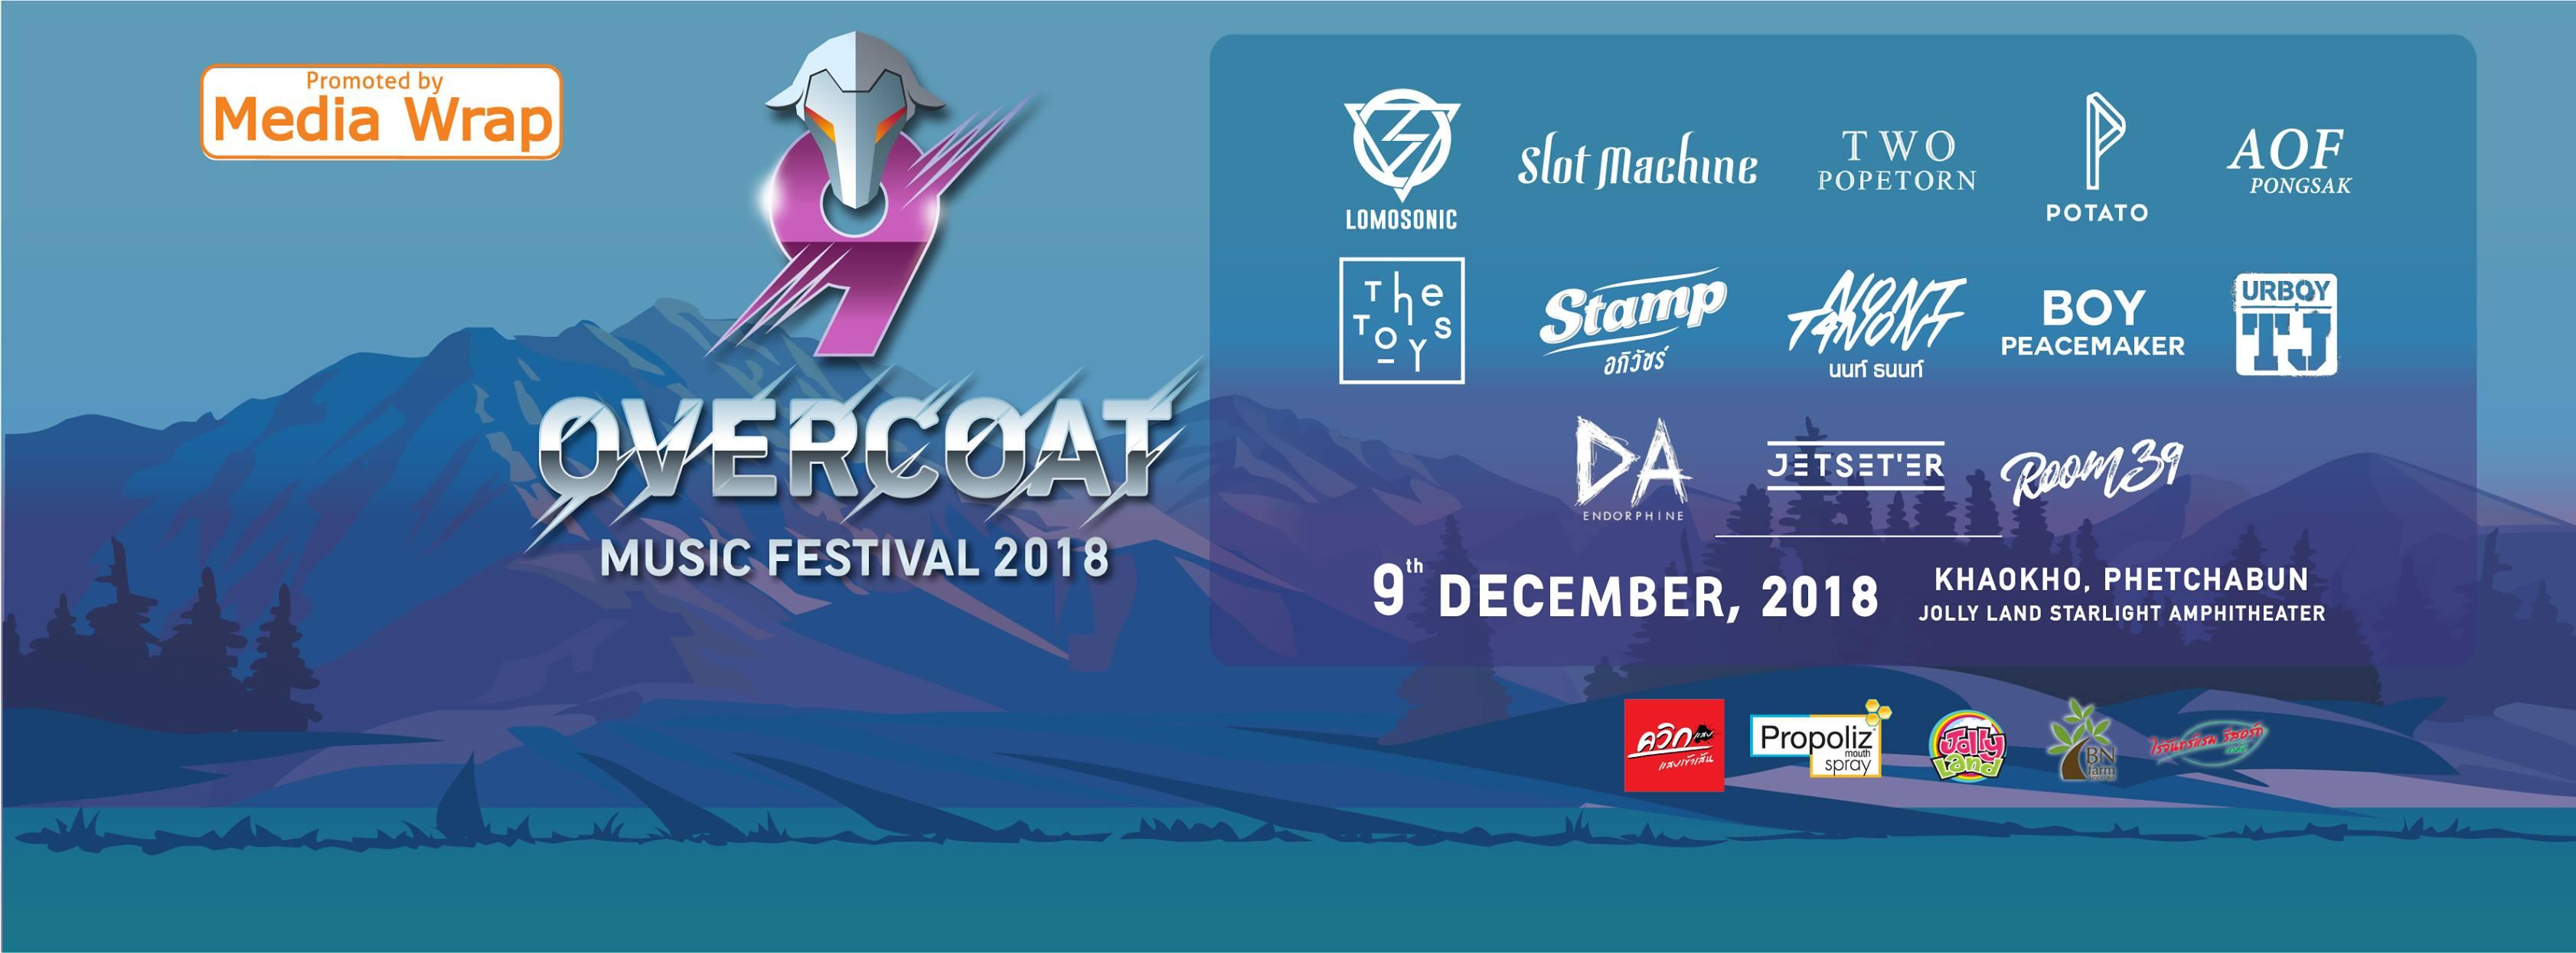 คอนเสิร์ต Overcoat music festival 2018